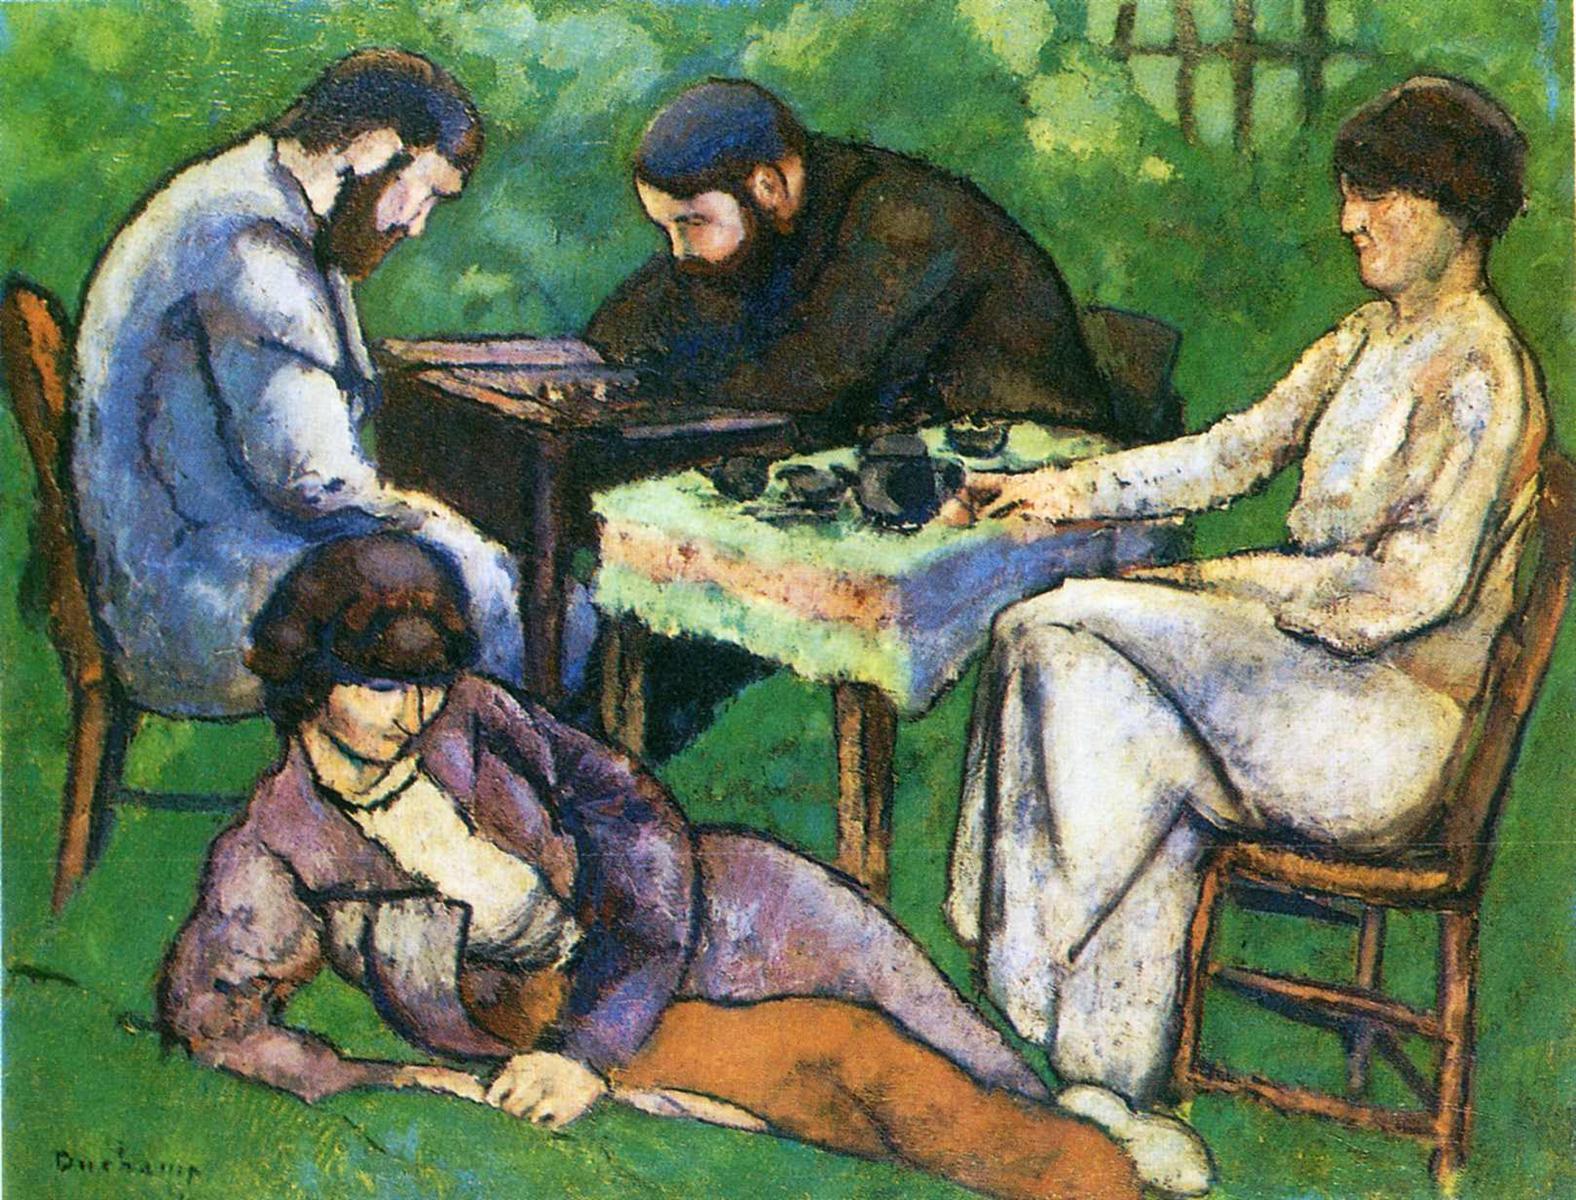 Шахматы - Марсель Дюшан (1910)